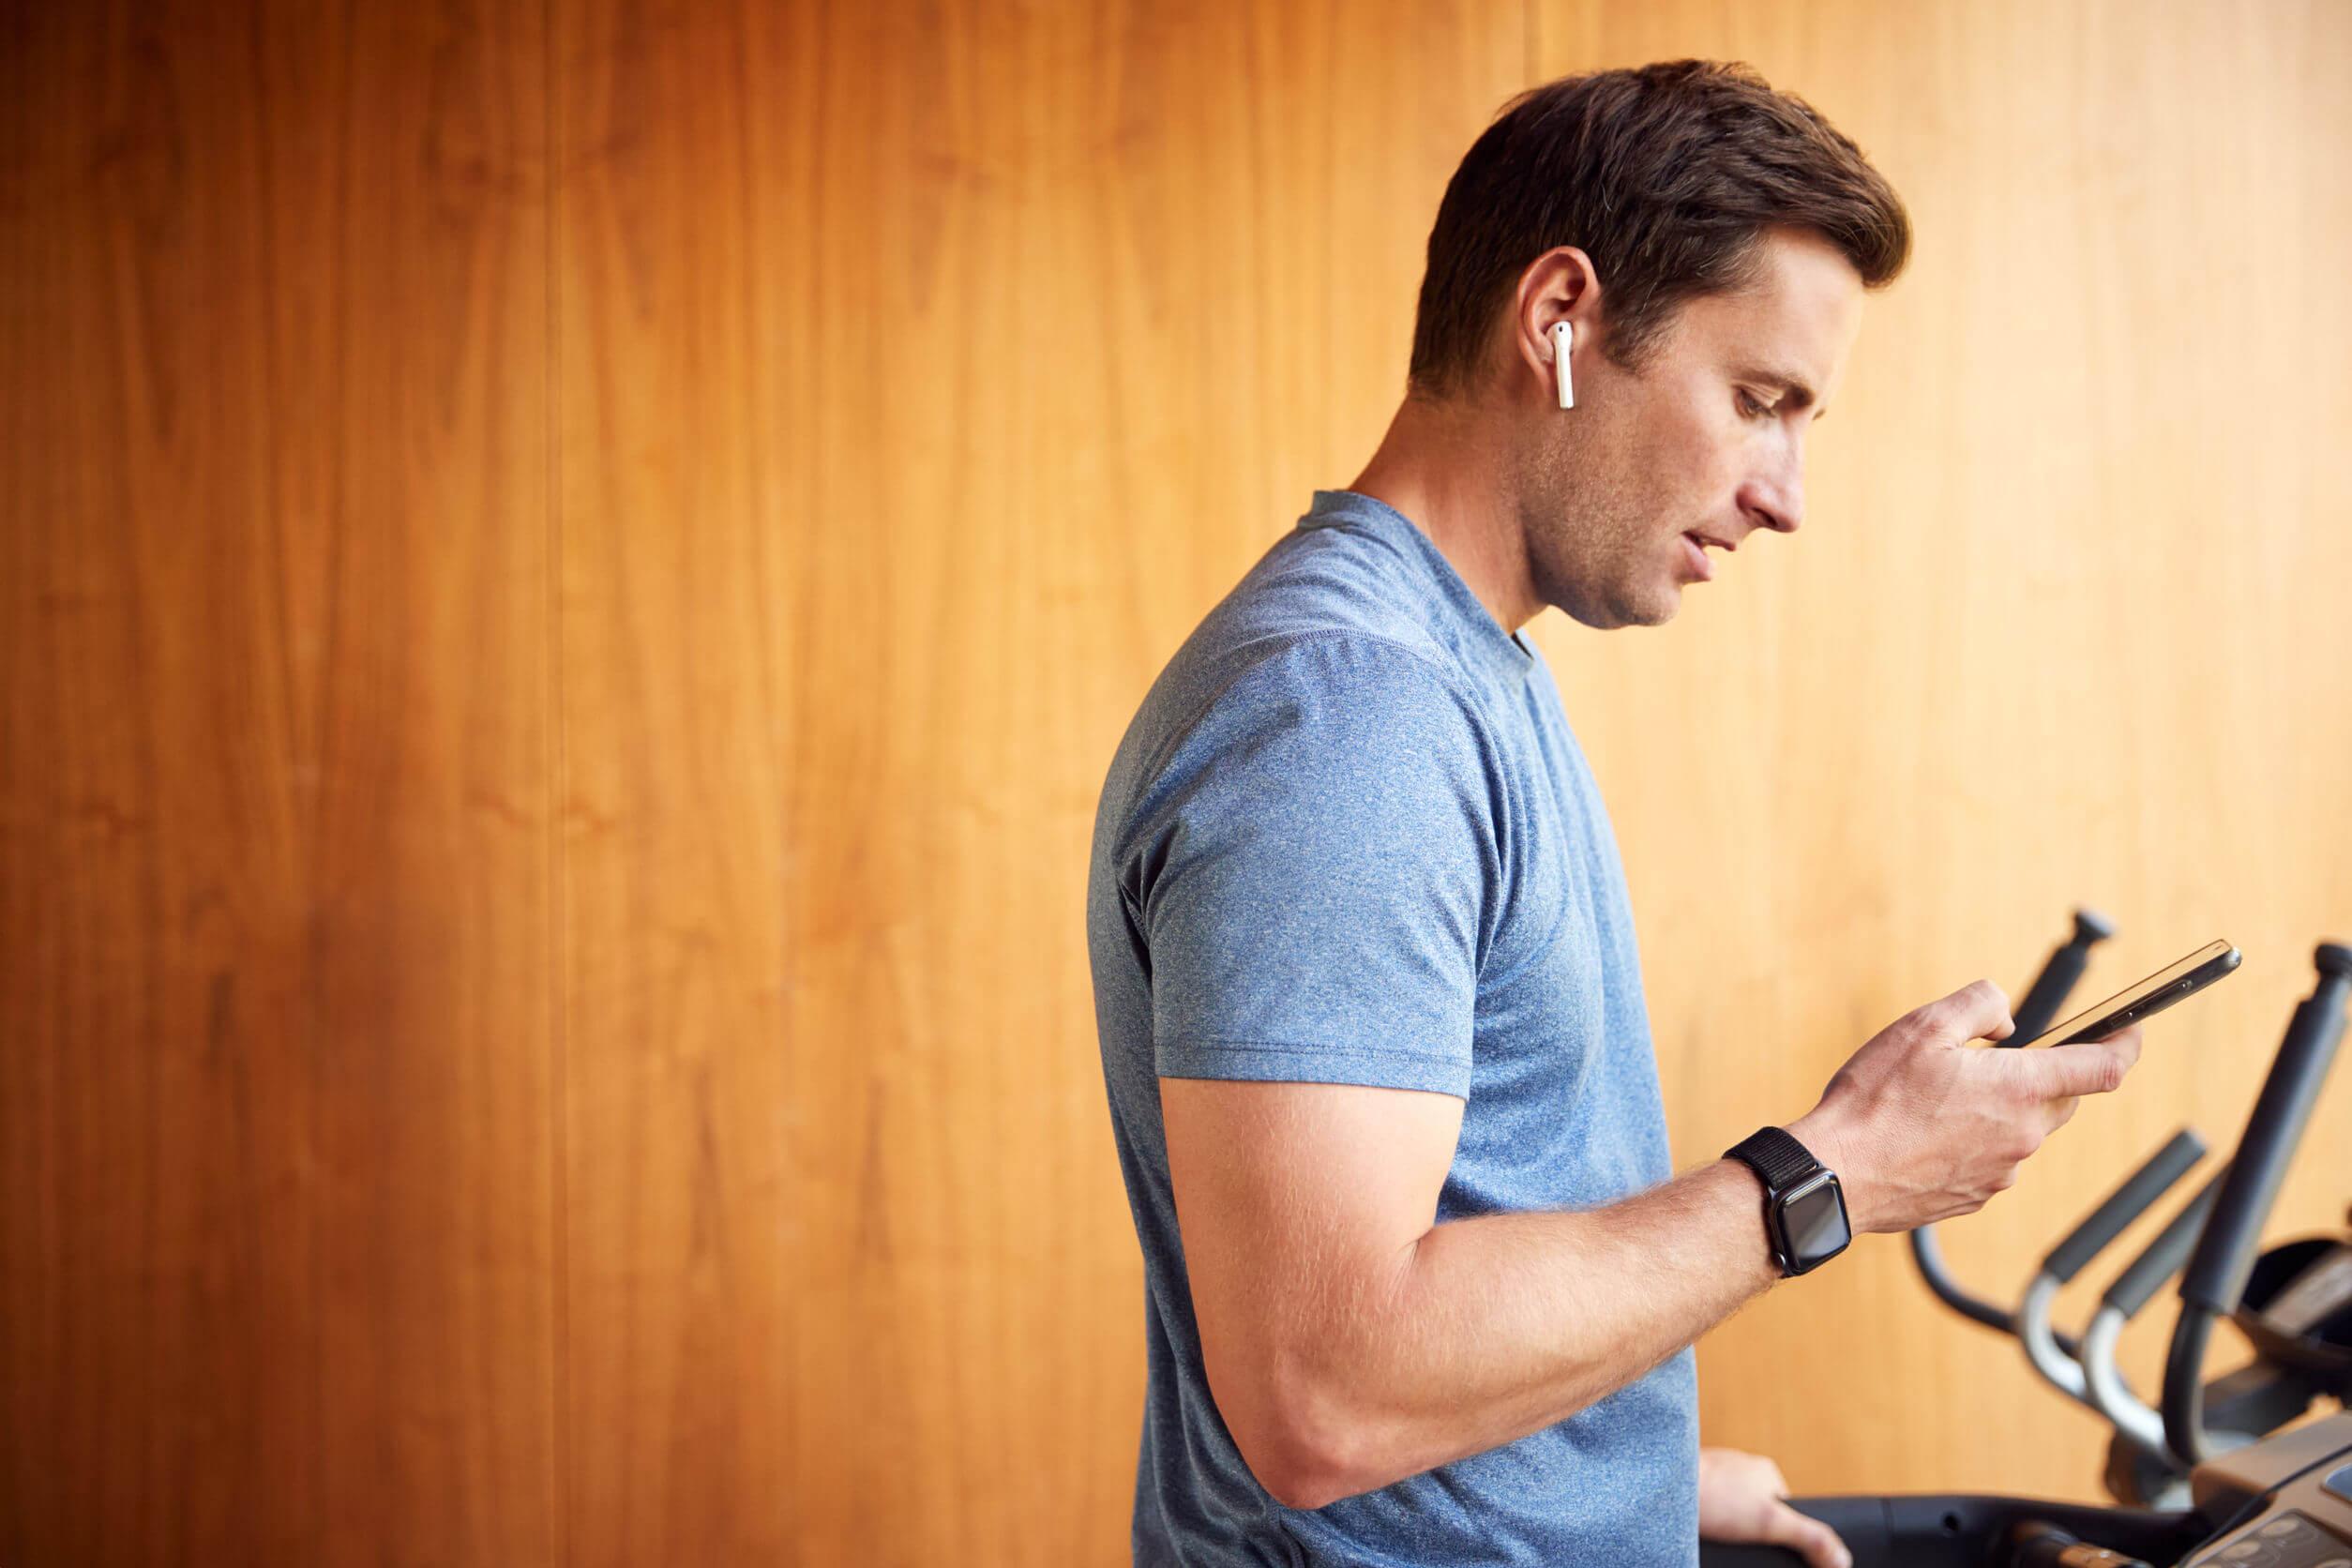 Si te preguntas cómo salir de la rutina el ejercicio es una opción.